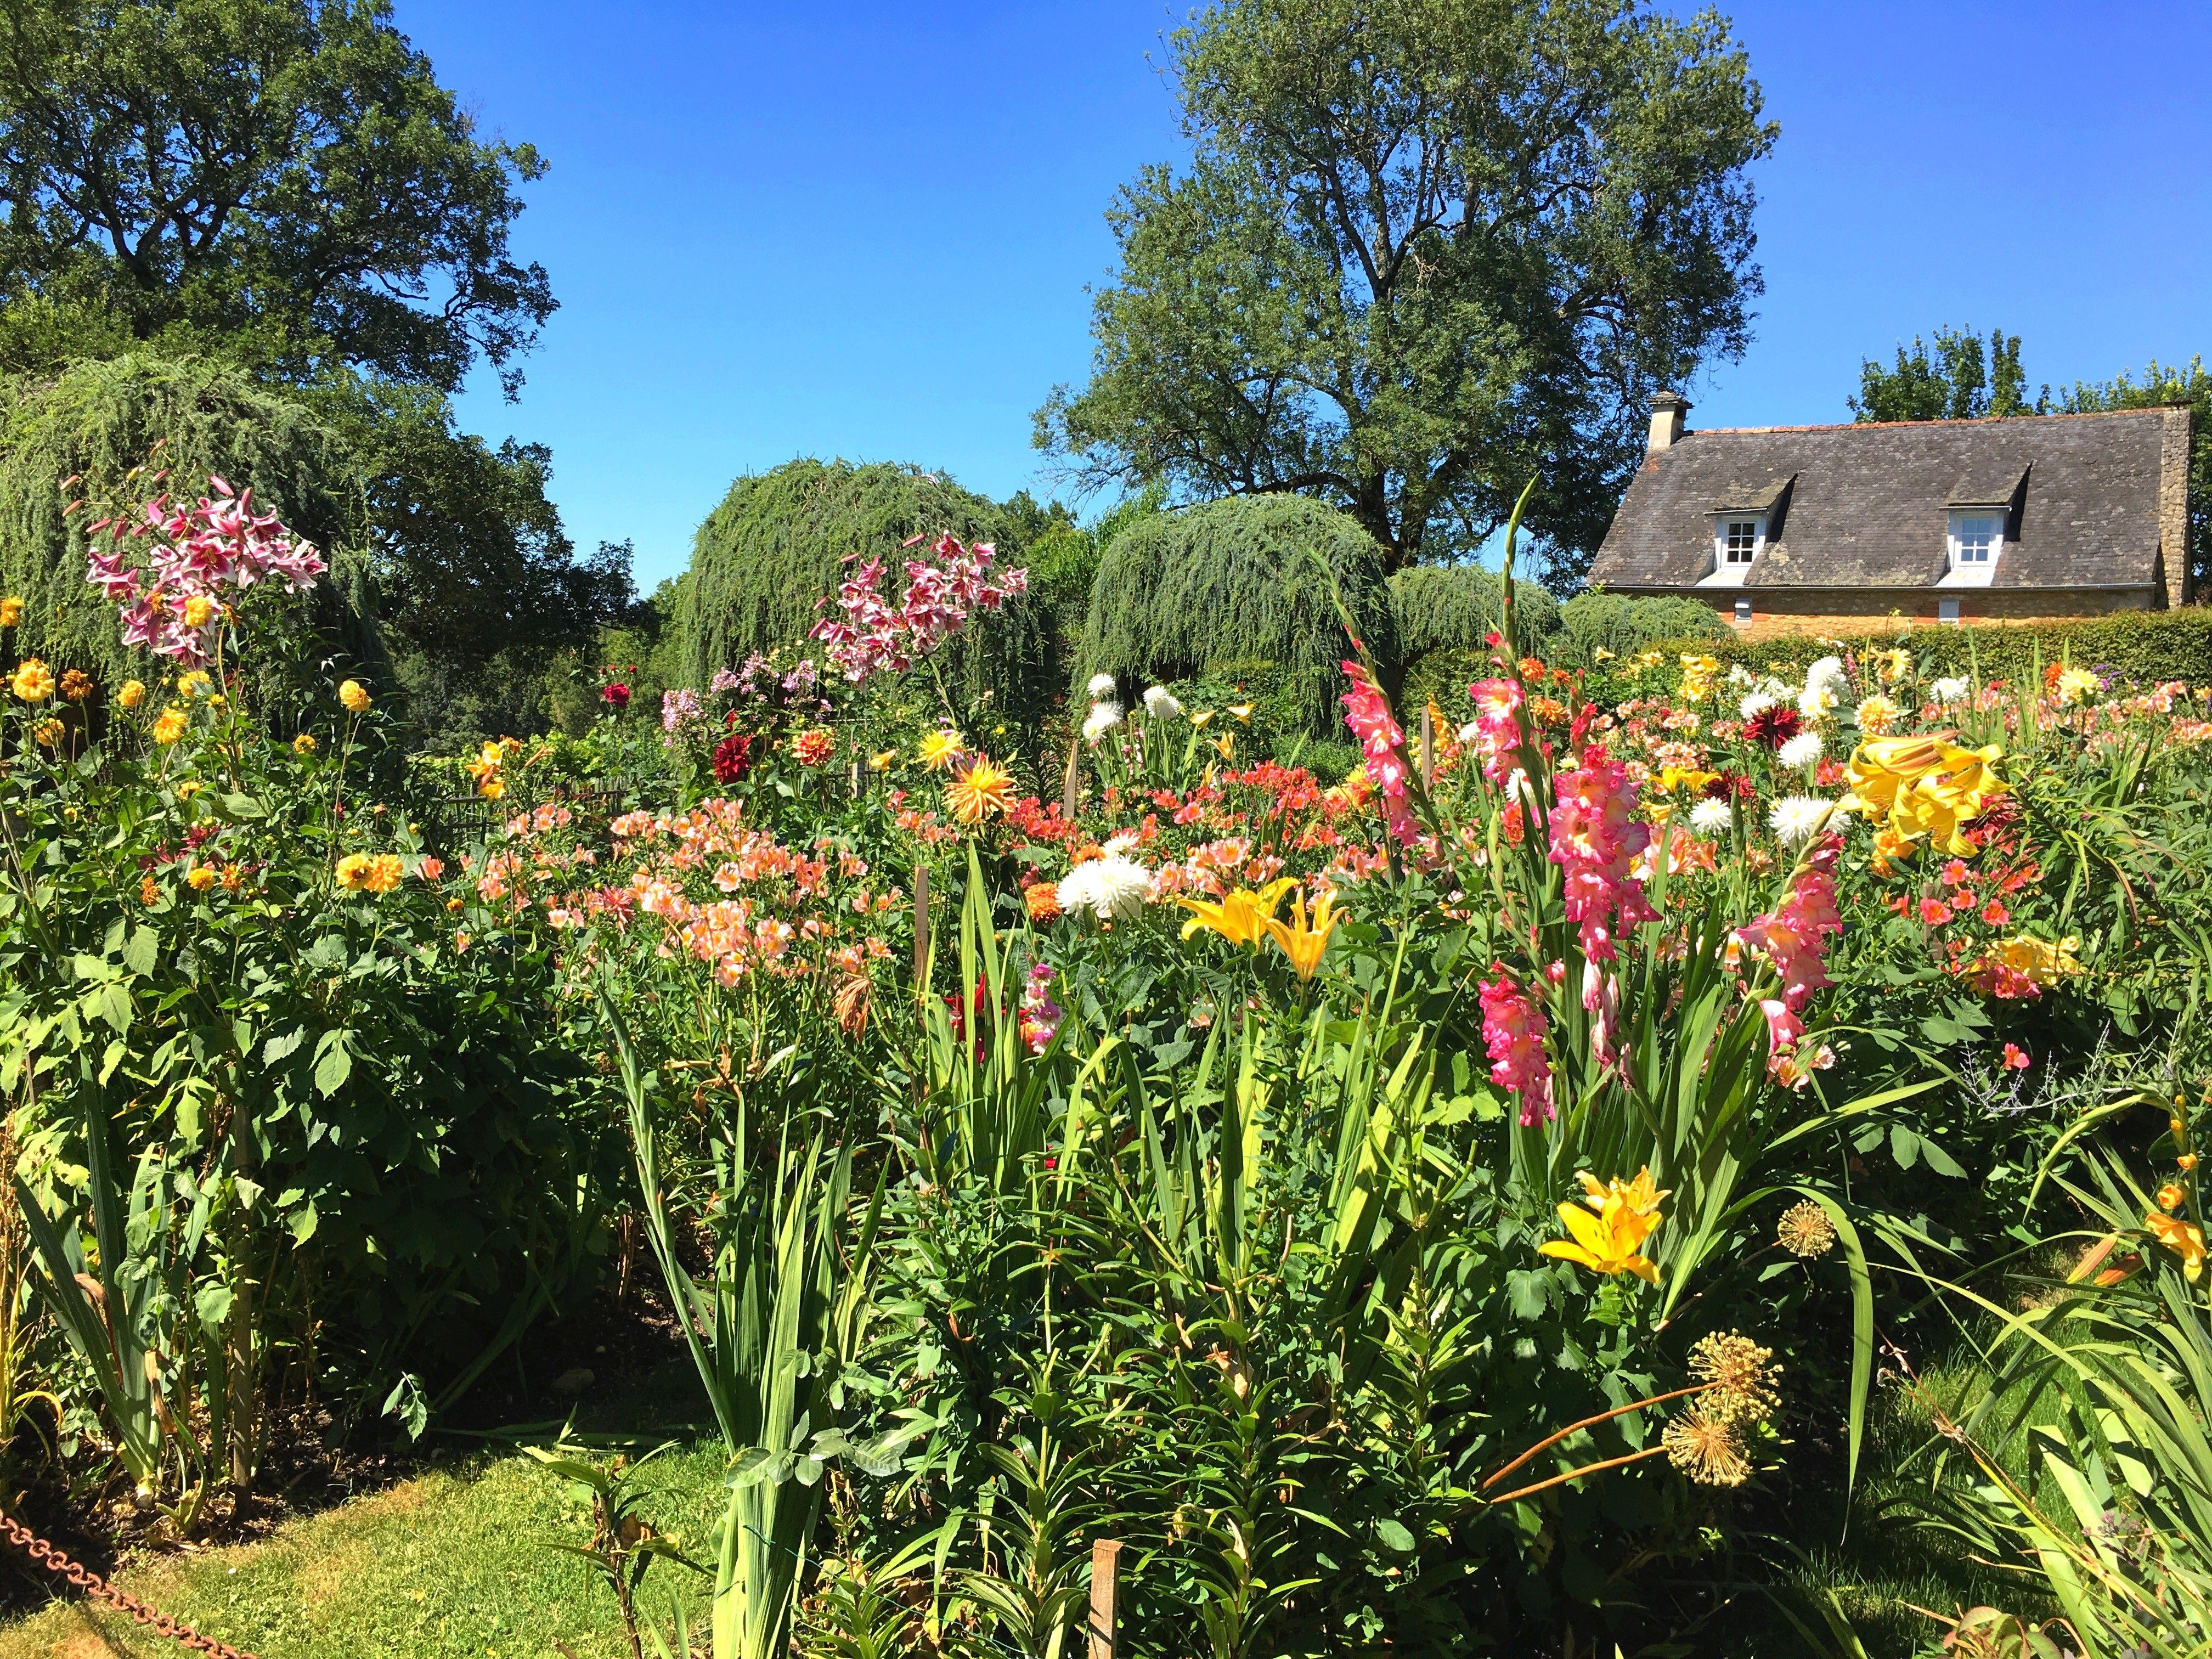 Symphonie de couleurs au Jardin Fleuriste #eyrignac #fleurs ...